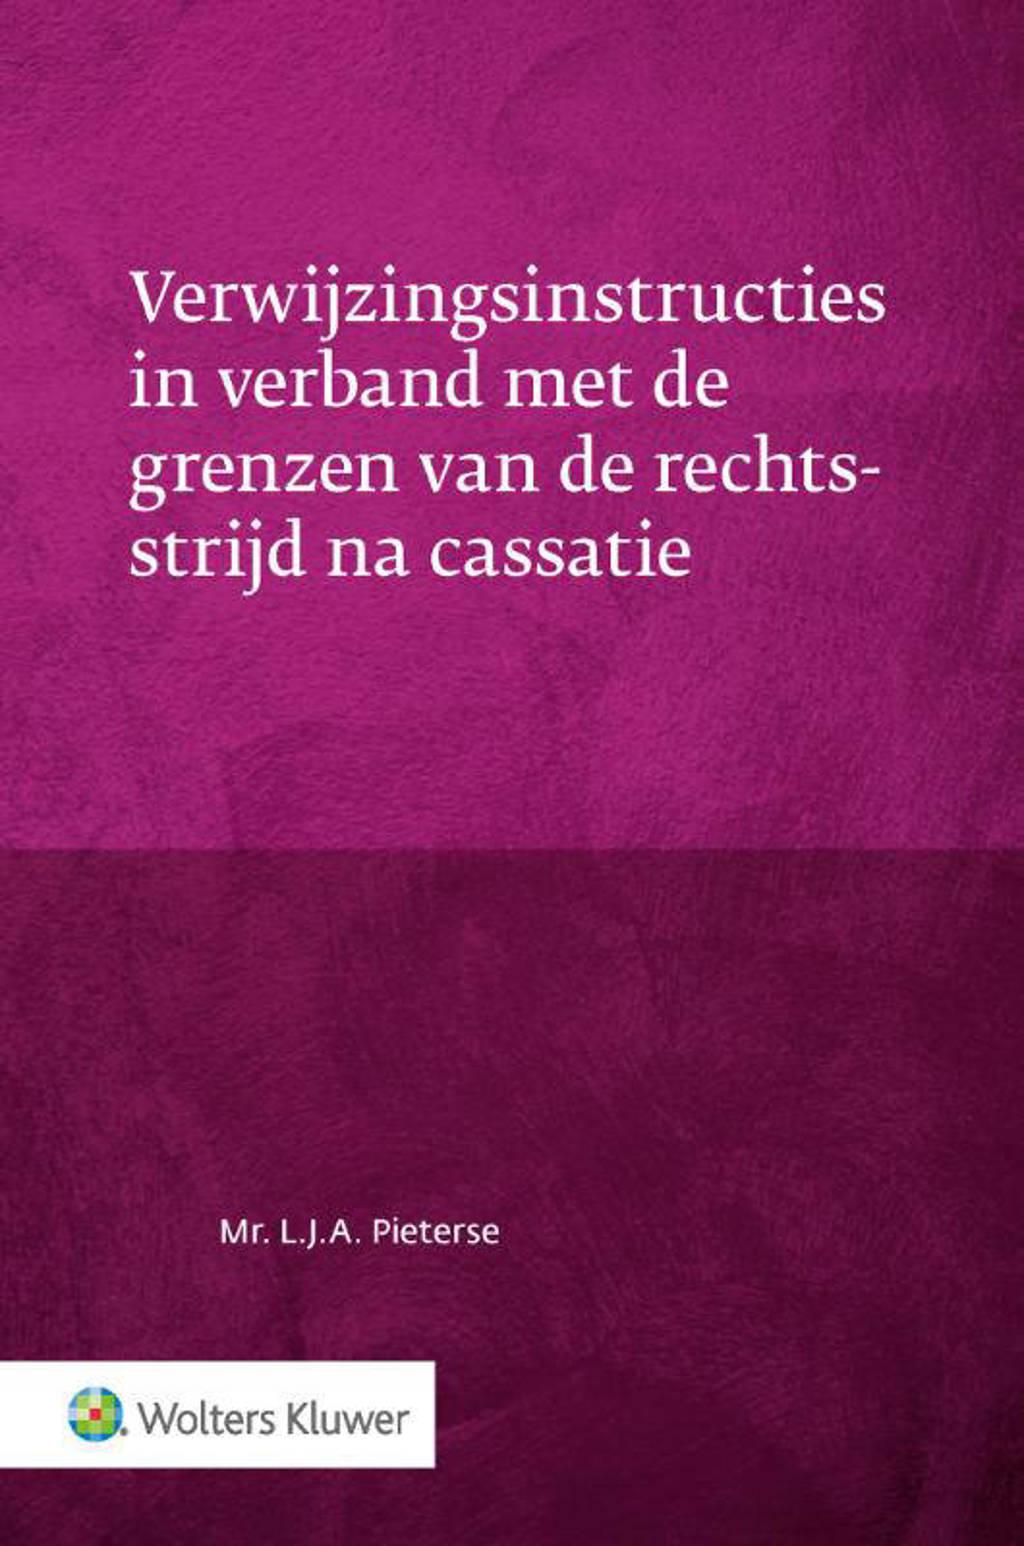 Verwijzingsinstructies in verband met de grenzen van de rechtsstrijd na cassatie - L.J.A. Pieterse